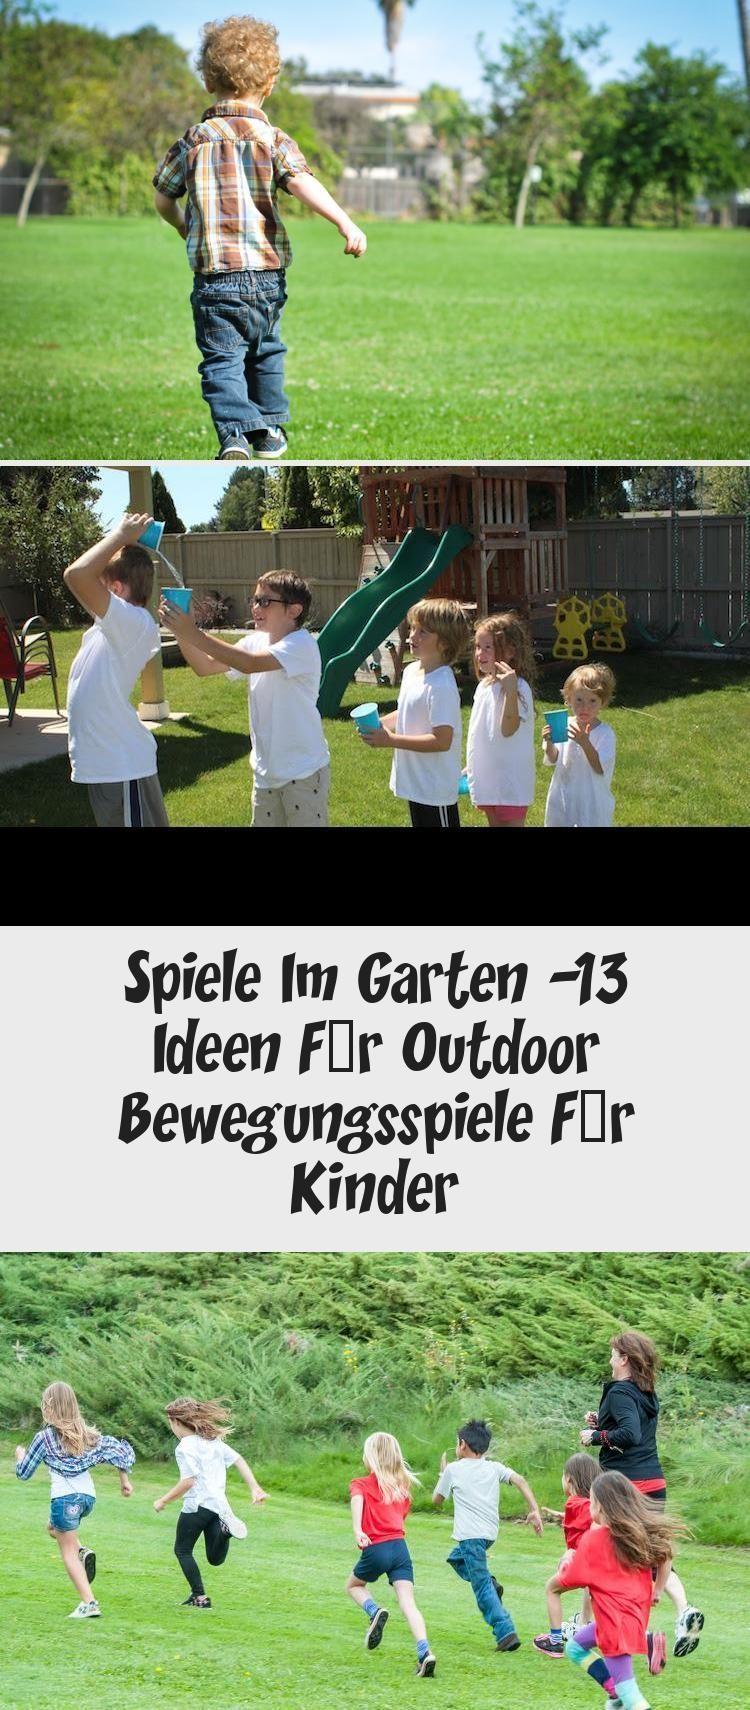 Spiele Im Garten 13 Ideen Fur Outdoor Ubungsspiele Fur Kinder Sandbox In 2020 Spiele Im Garten Outdoor Training Kinder Sandkasten